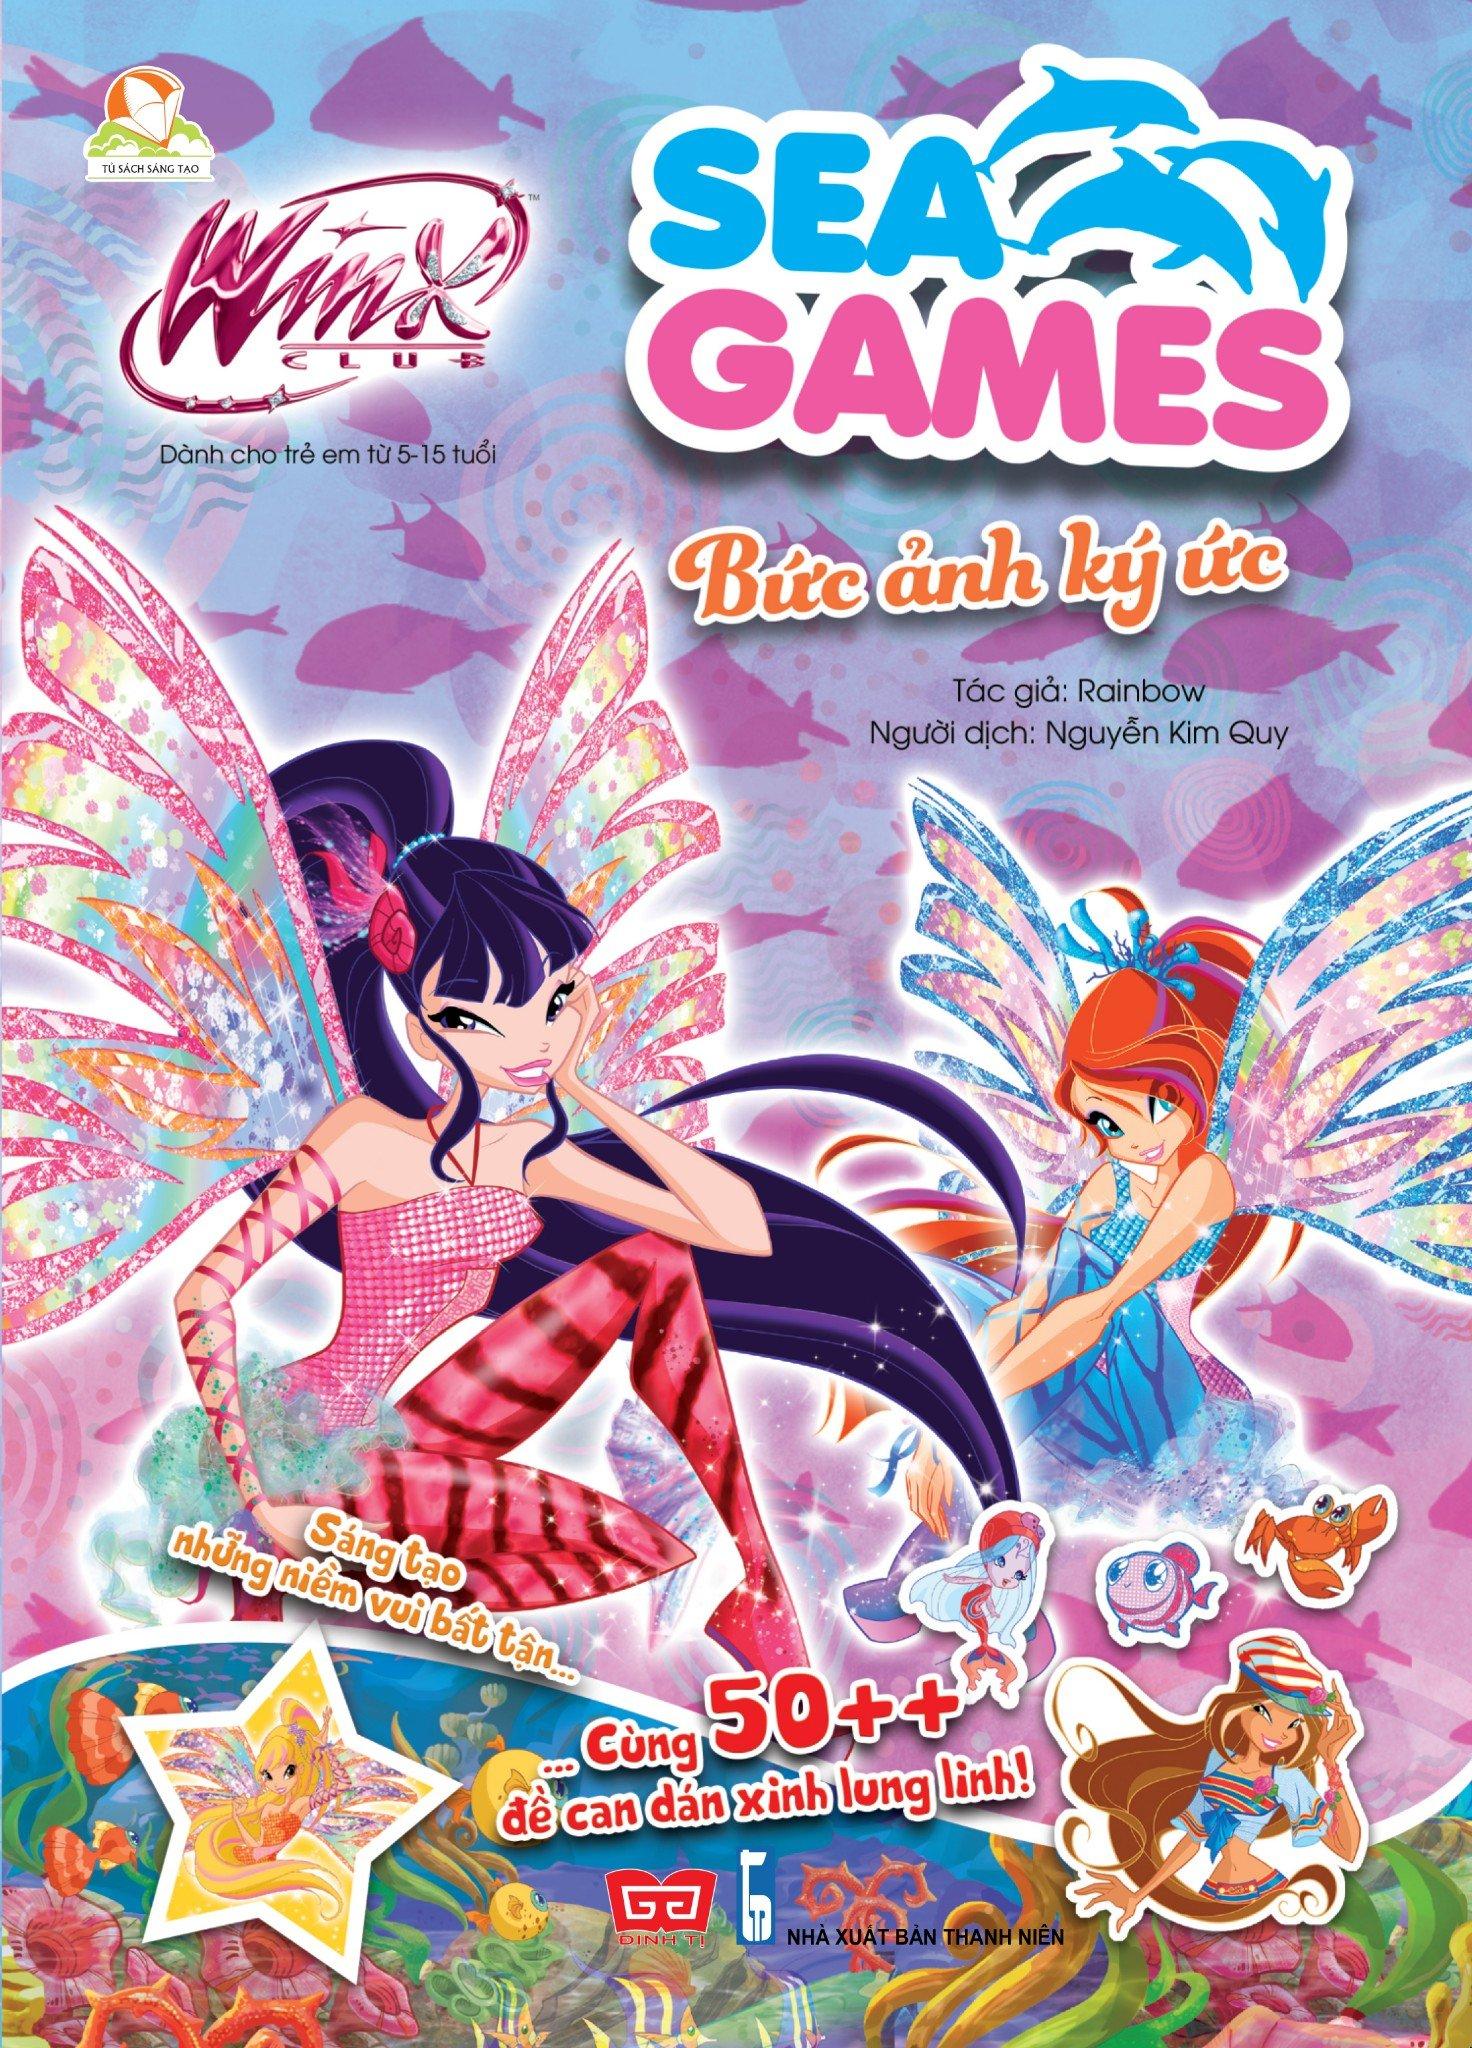 Winx club – Sea Games - Bức ảnh ký ức